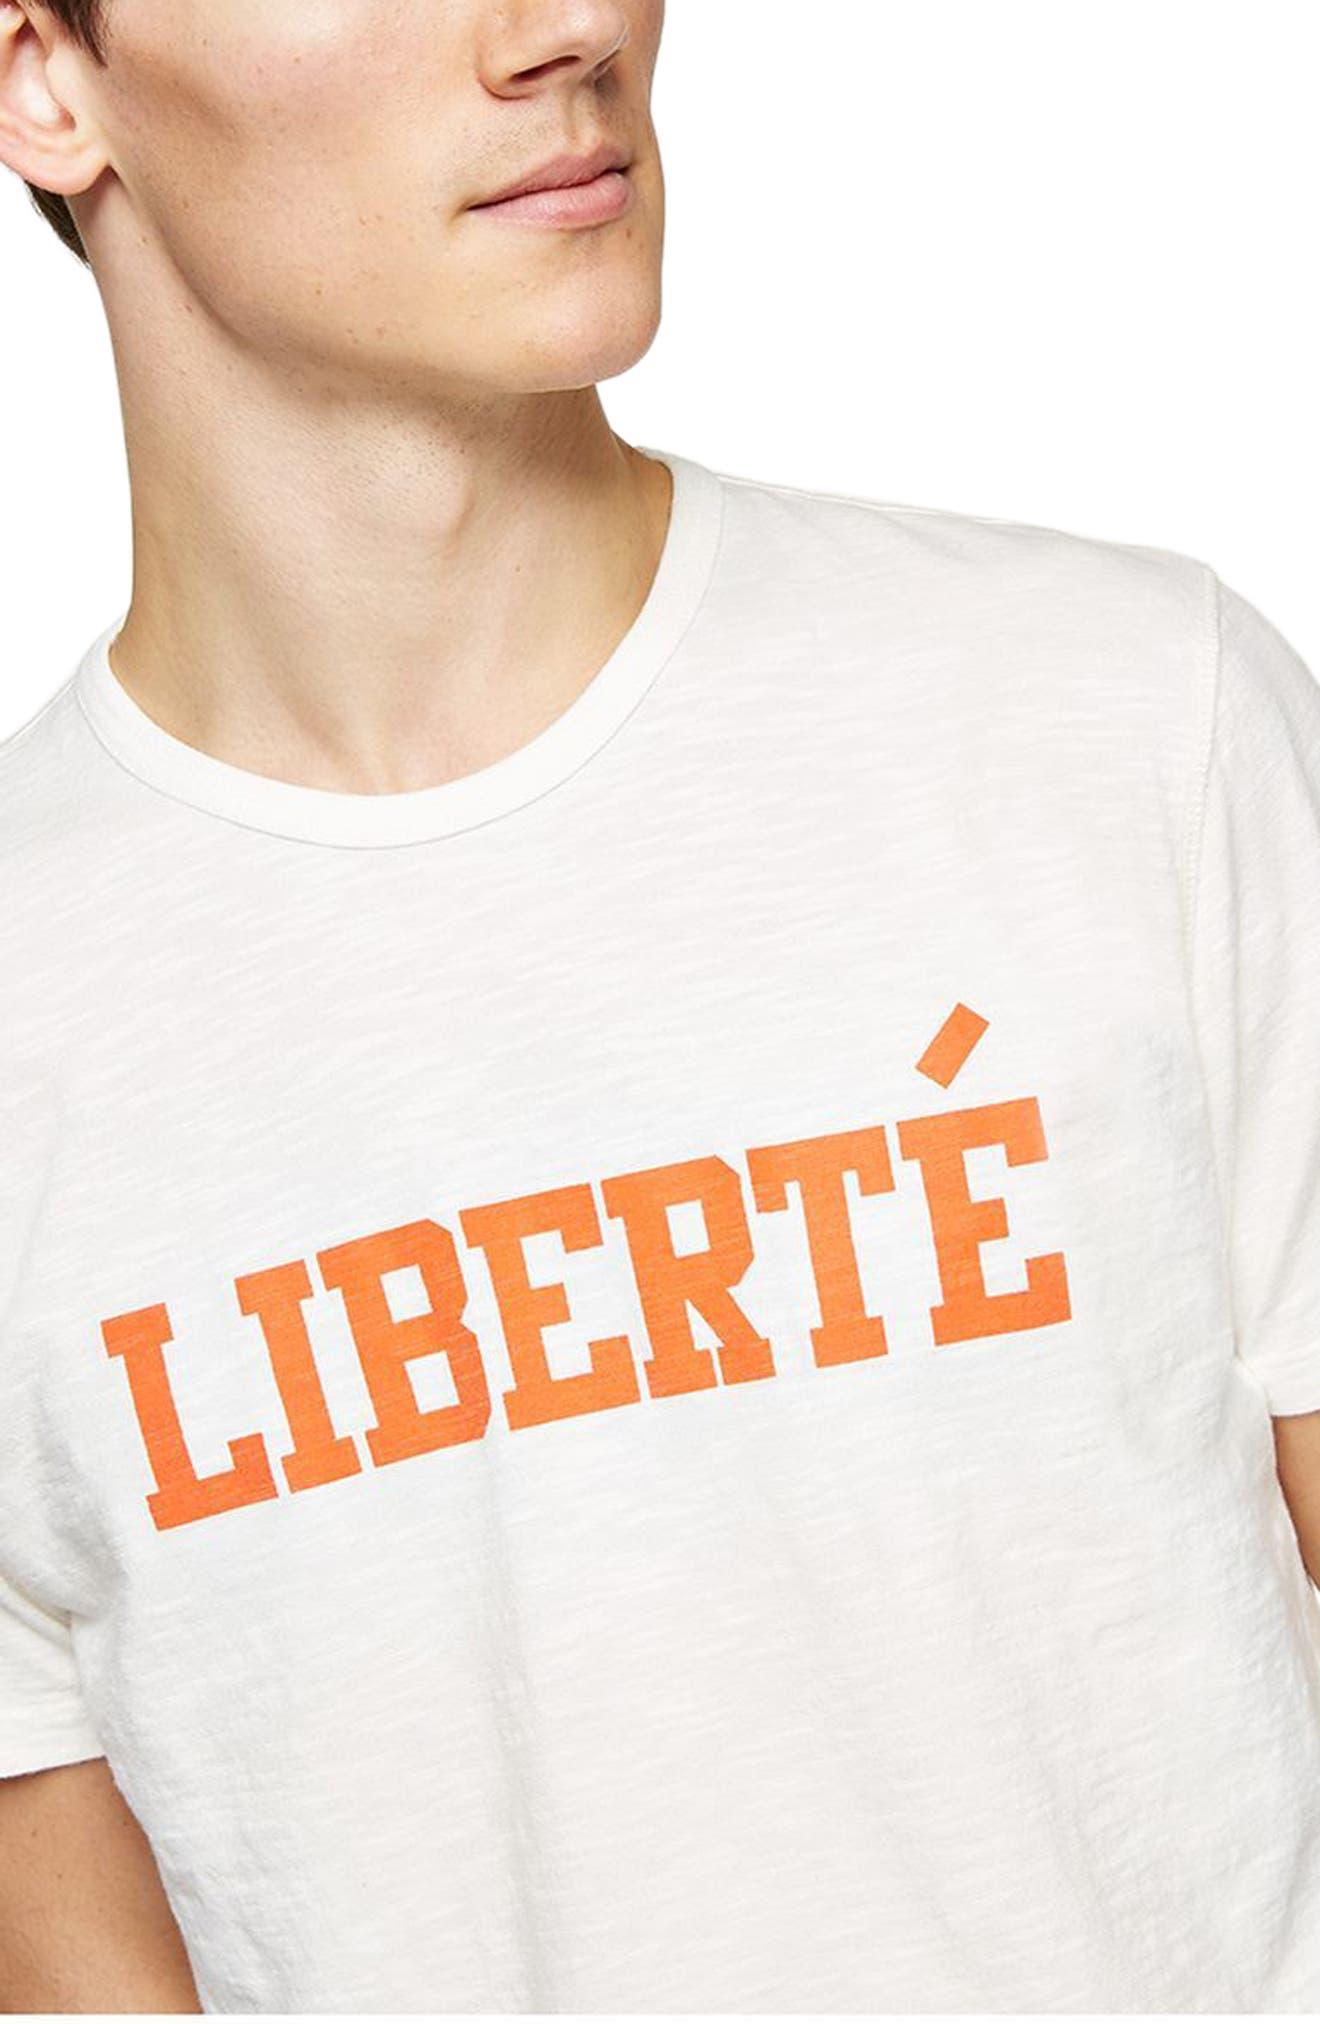 Liberté Graphic T-Shirt,                             Alternate thumbnail 3, color,                             100